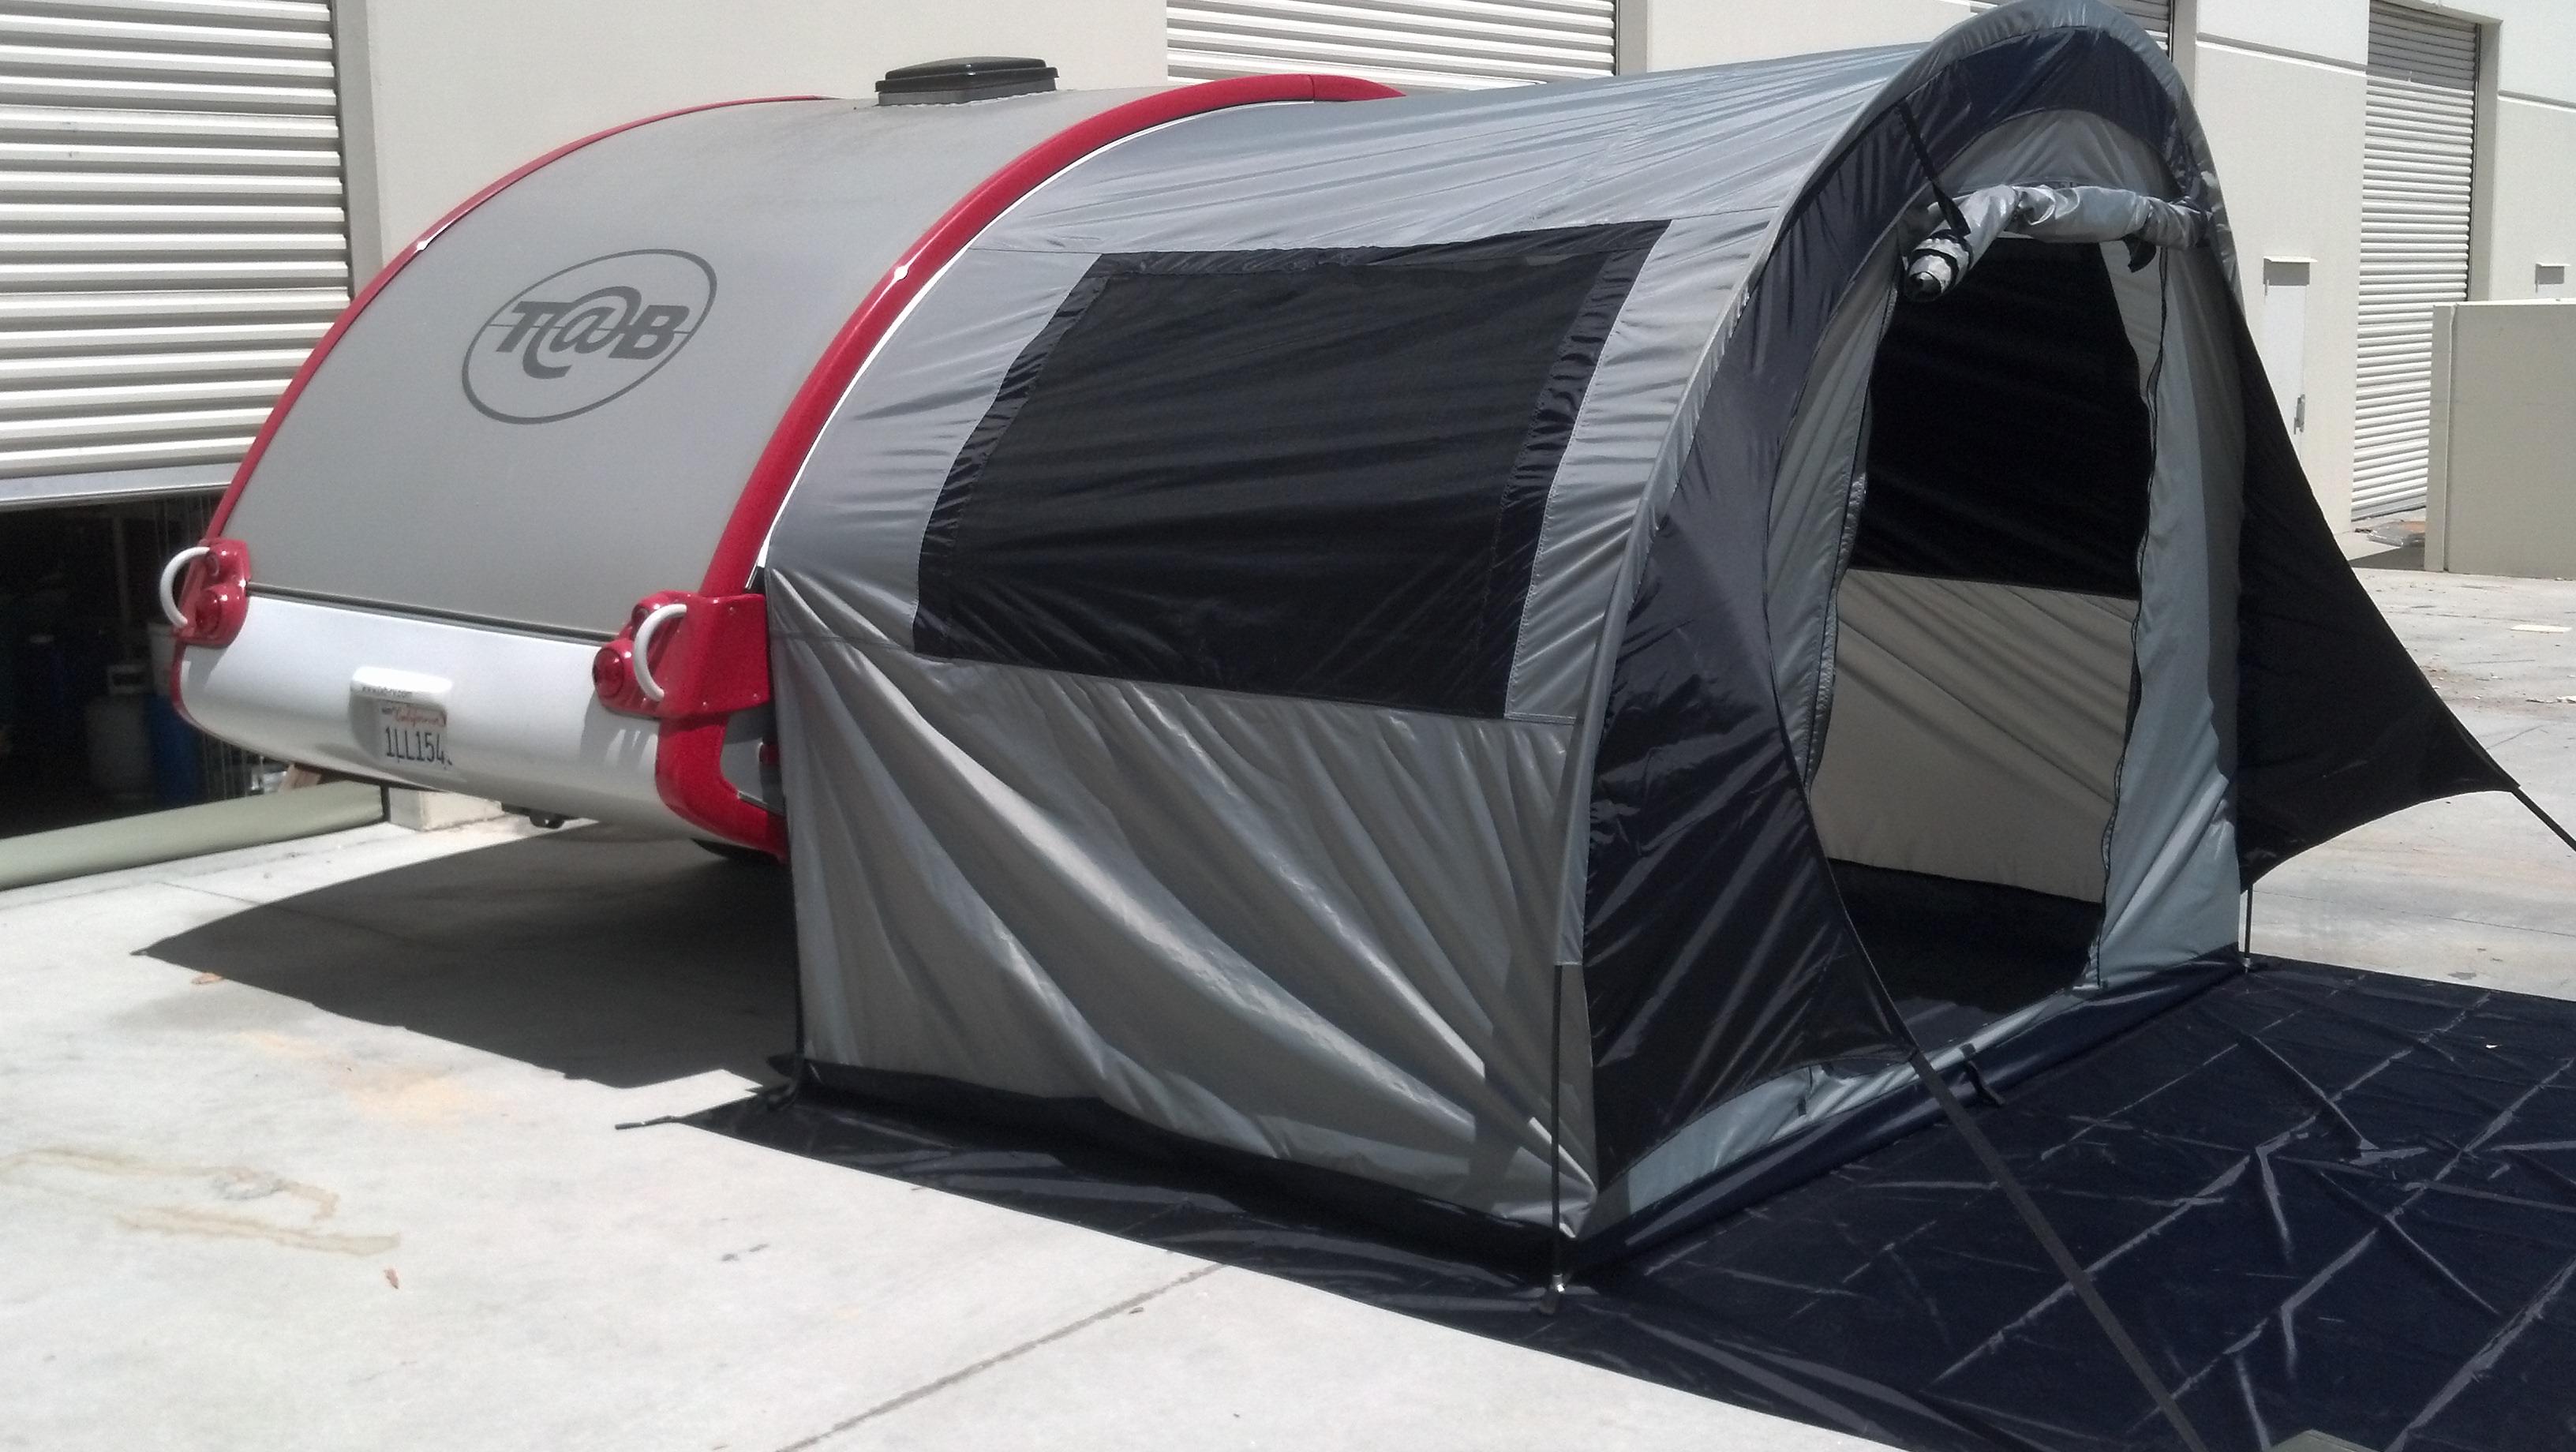 2012-06-29_11-26-27_932 & PahaQue Updates u2013 PahaQue Camping